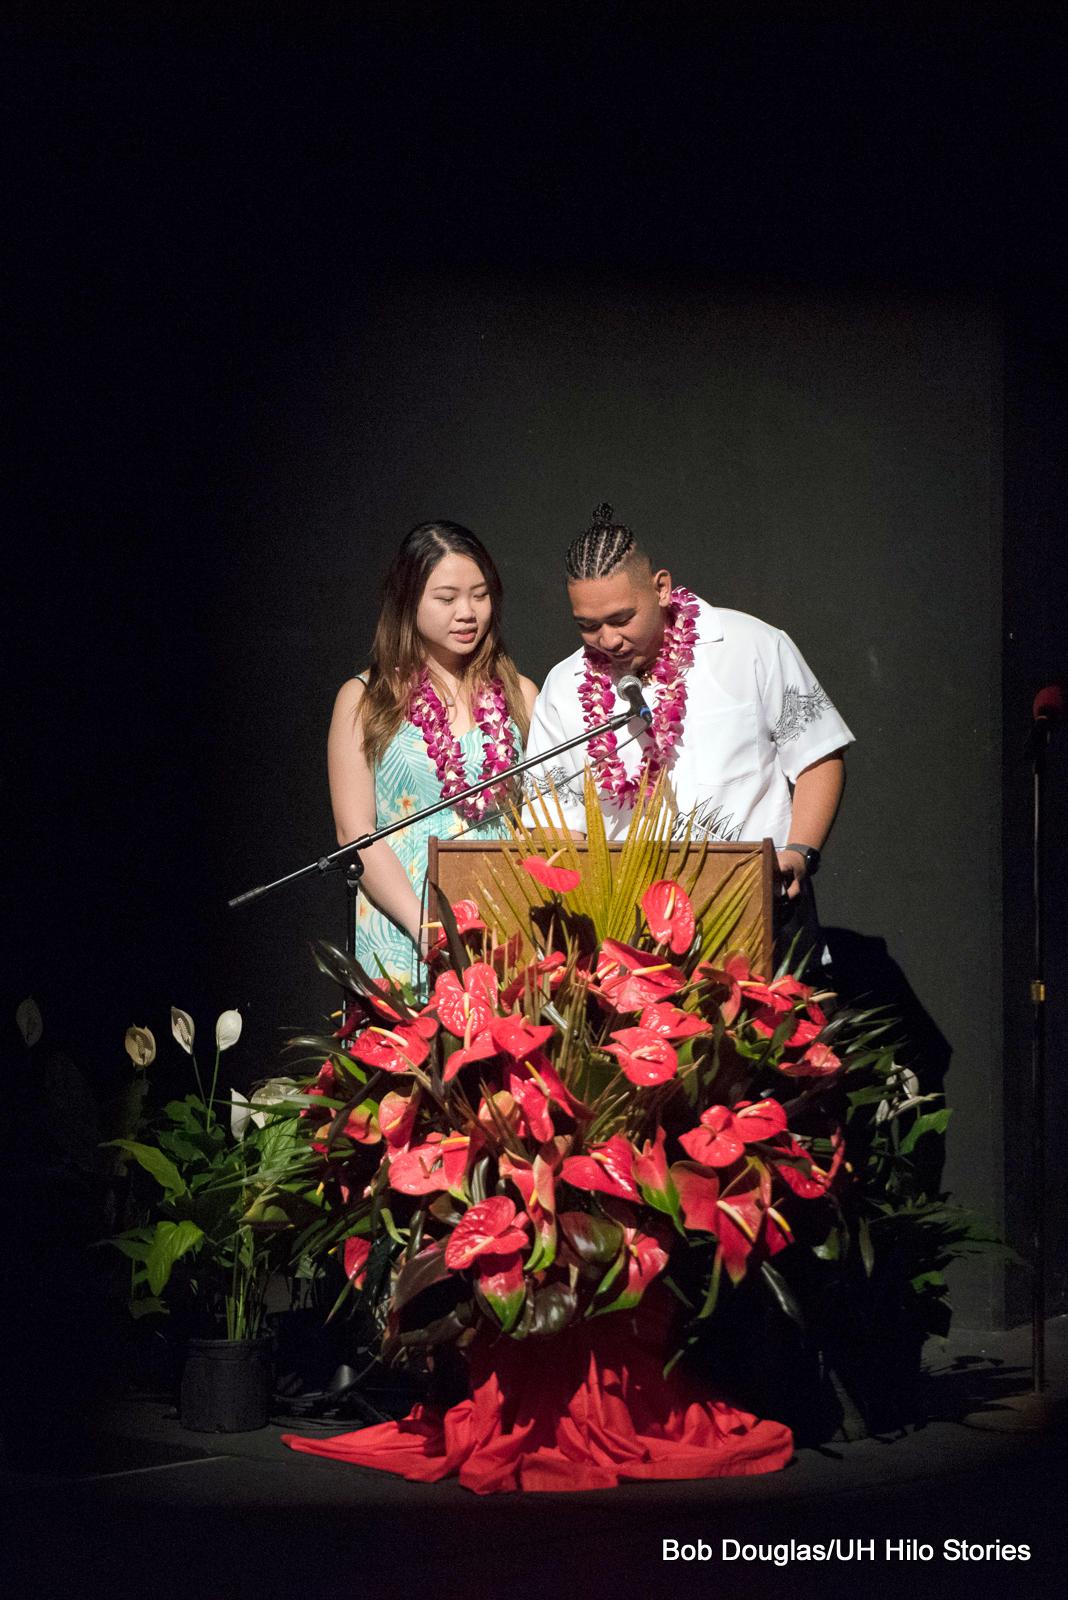 Man and woman at podium.